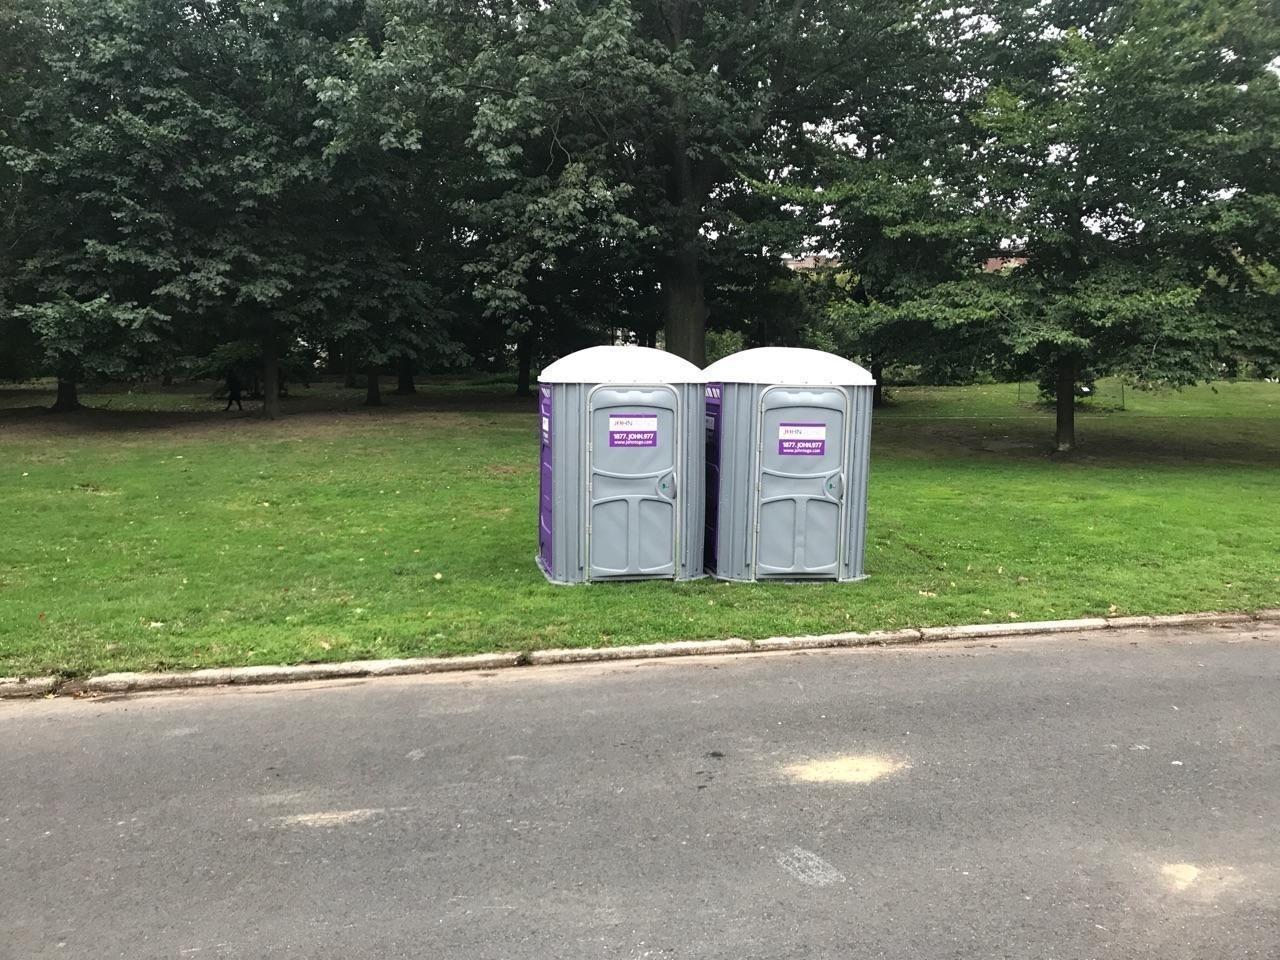 porta john bathroom rentals